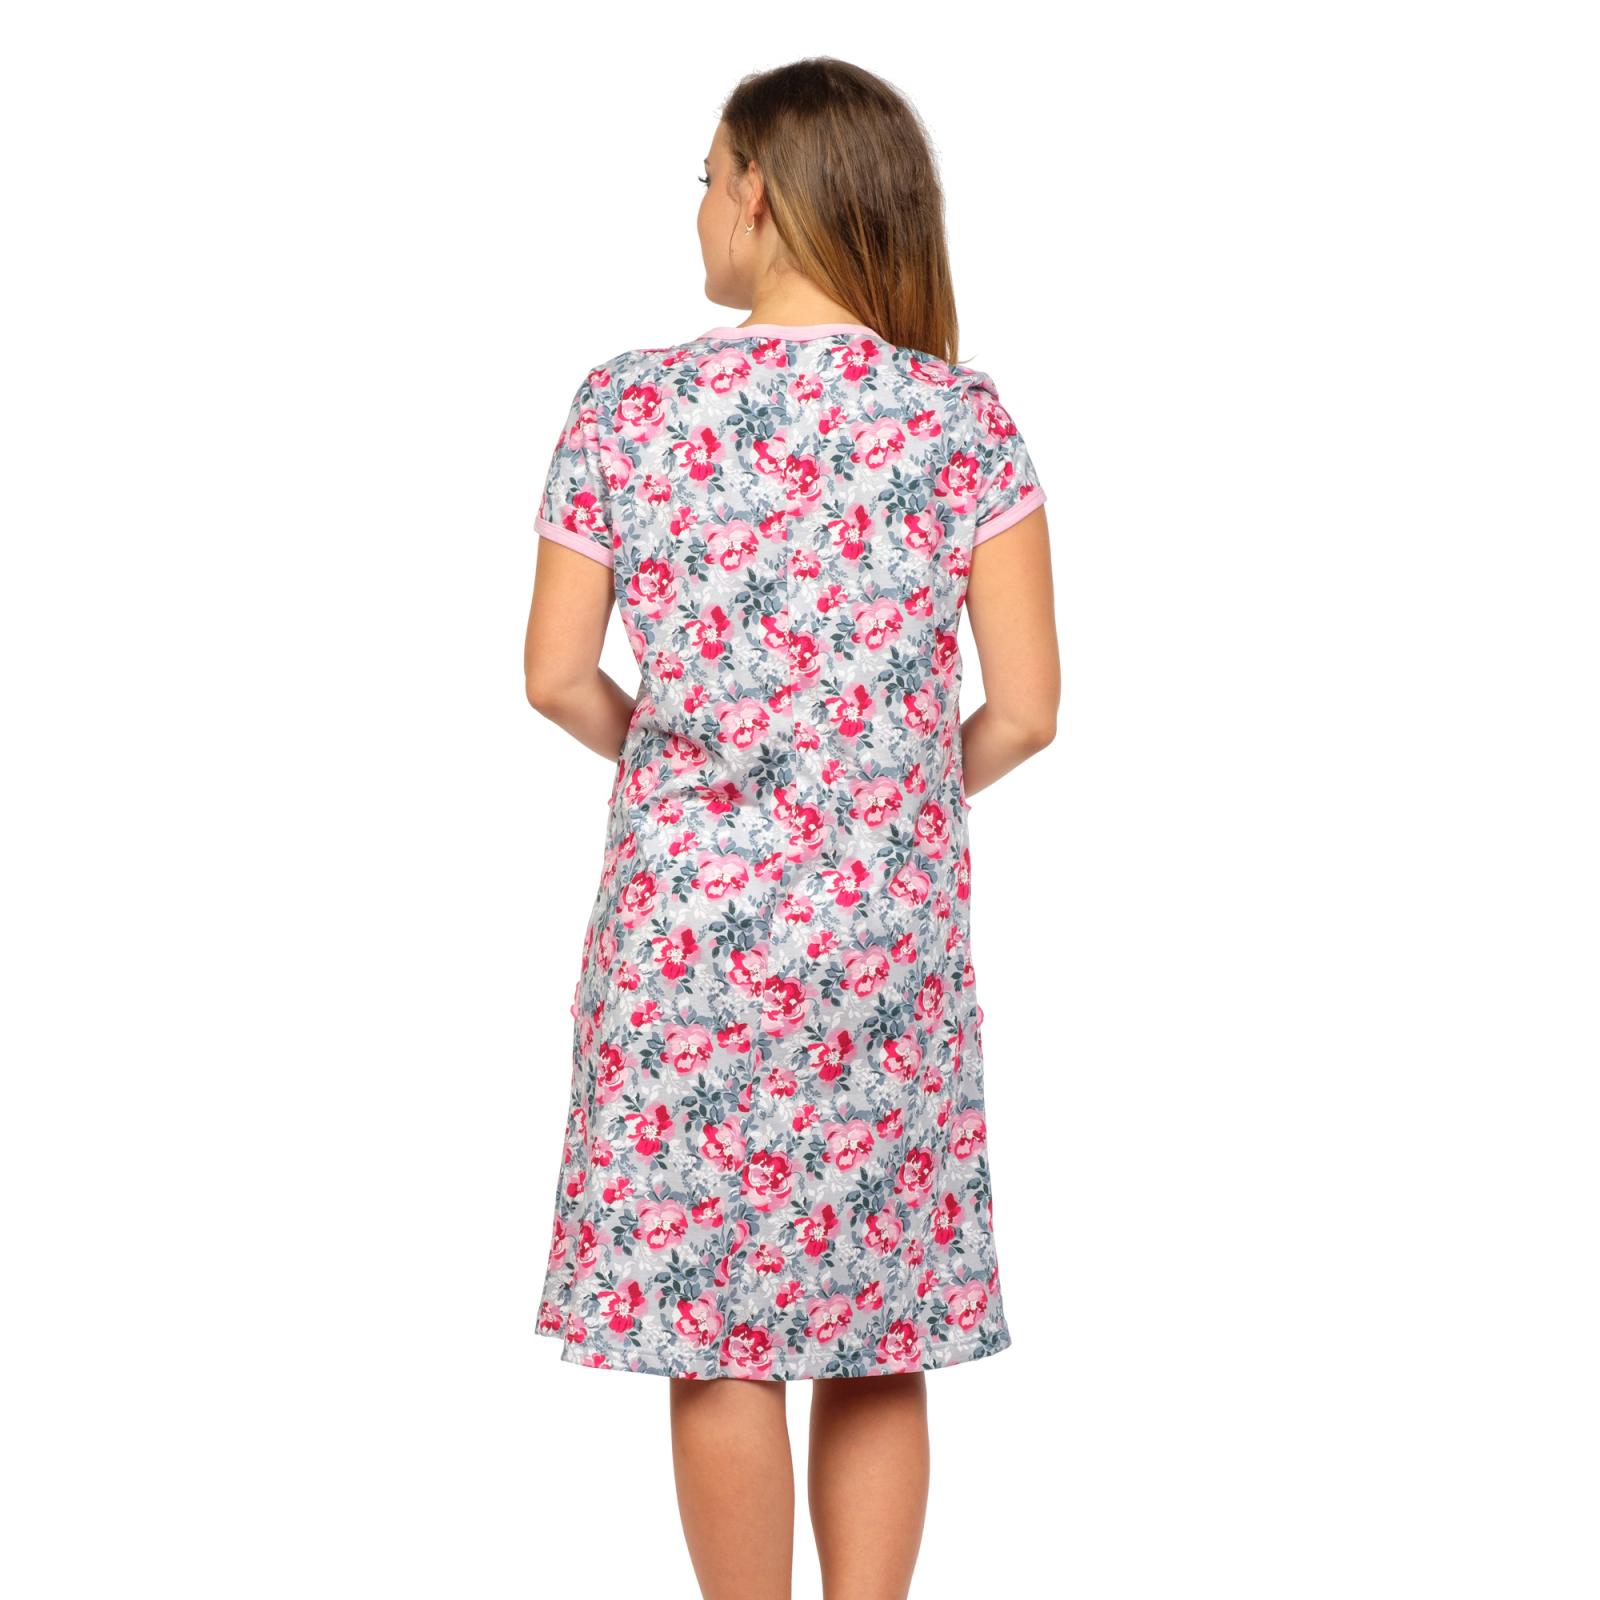 Халат Глория (розовые цветы) М-0123Р